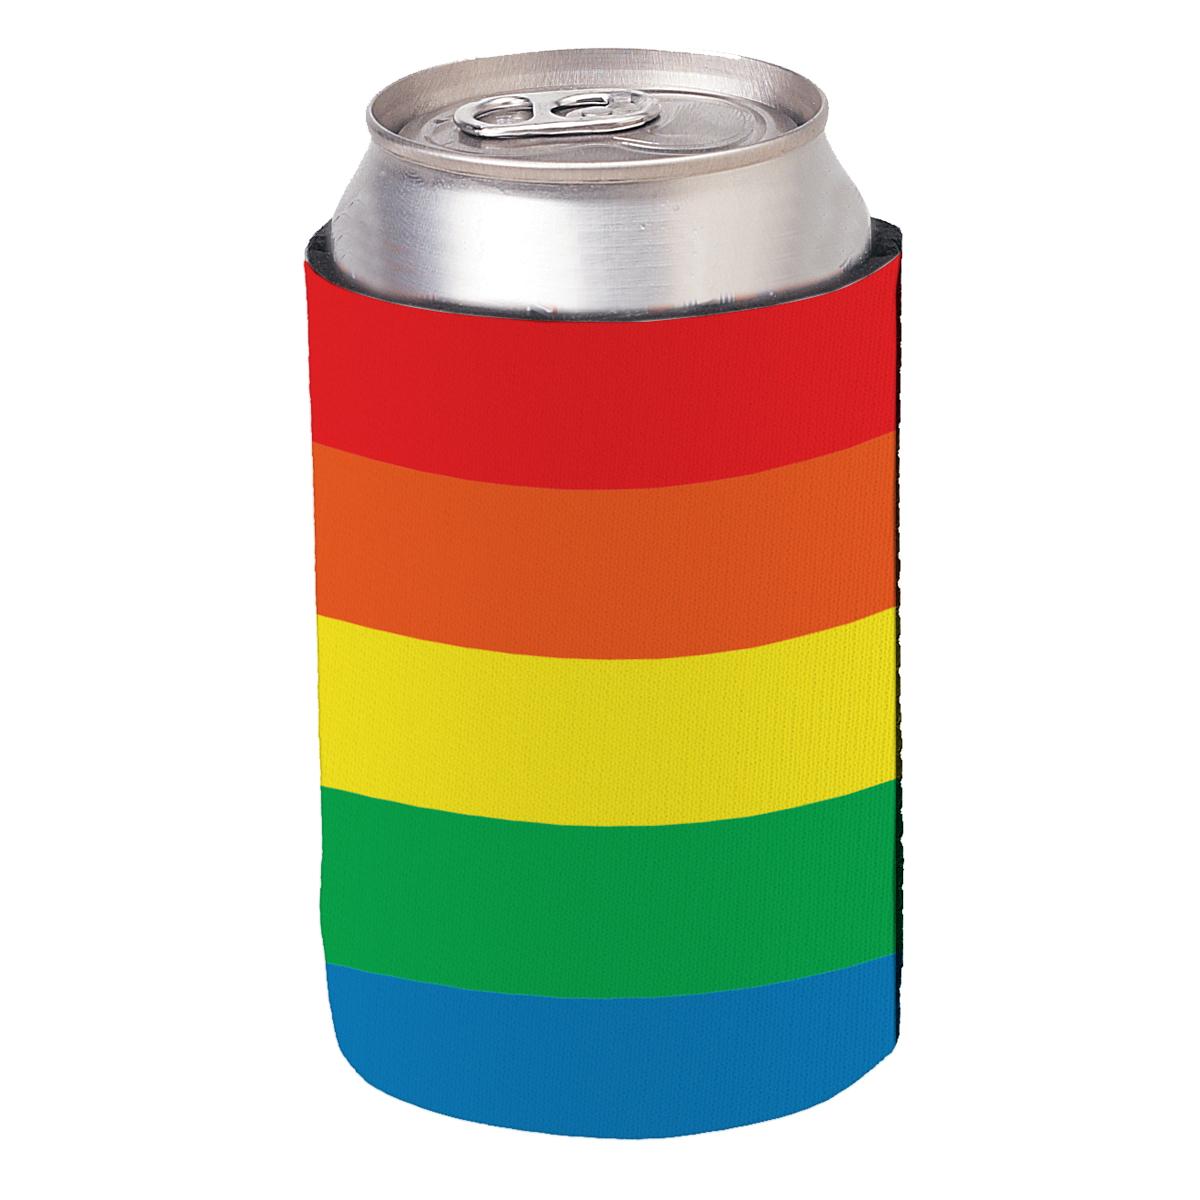 15 - Insulador de latas Kan-Tastic arcoíris